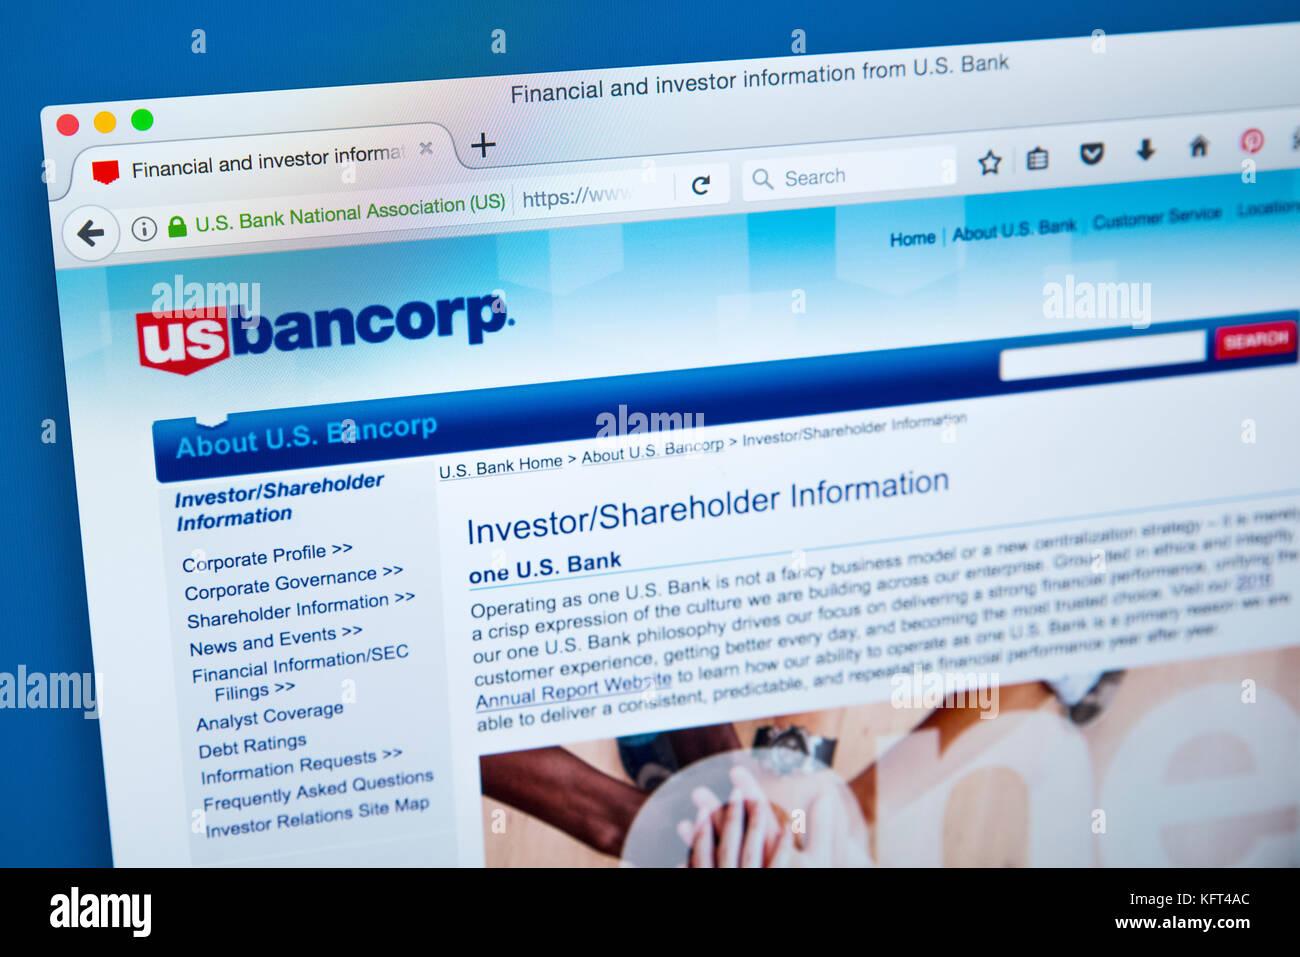 London, UK, 17. Oktober 2017: Die Homepage der offiziellen Website für US Bancorp - einer amerikanischen Bank Stockbild